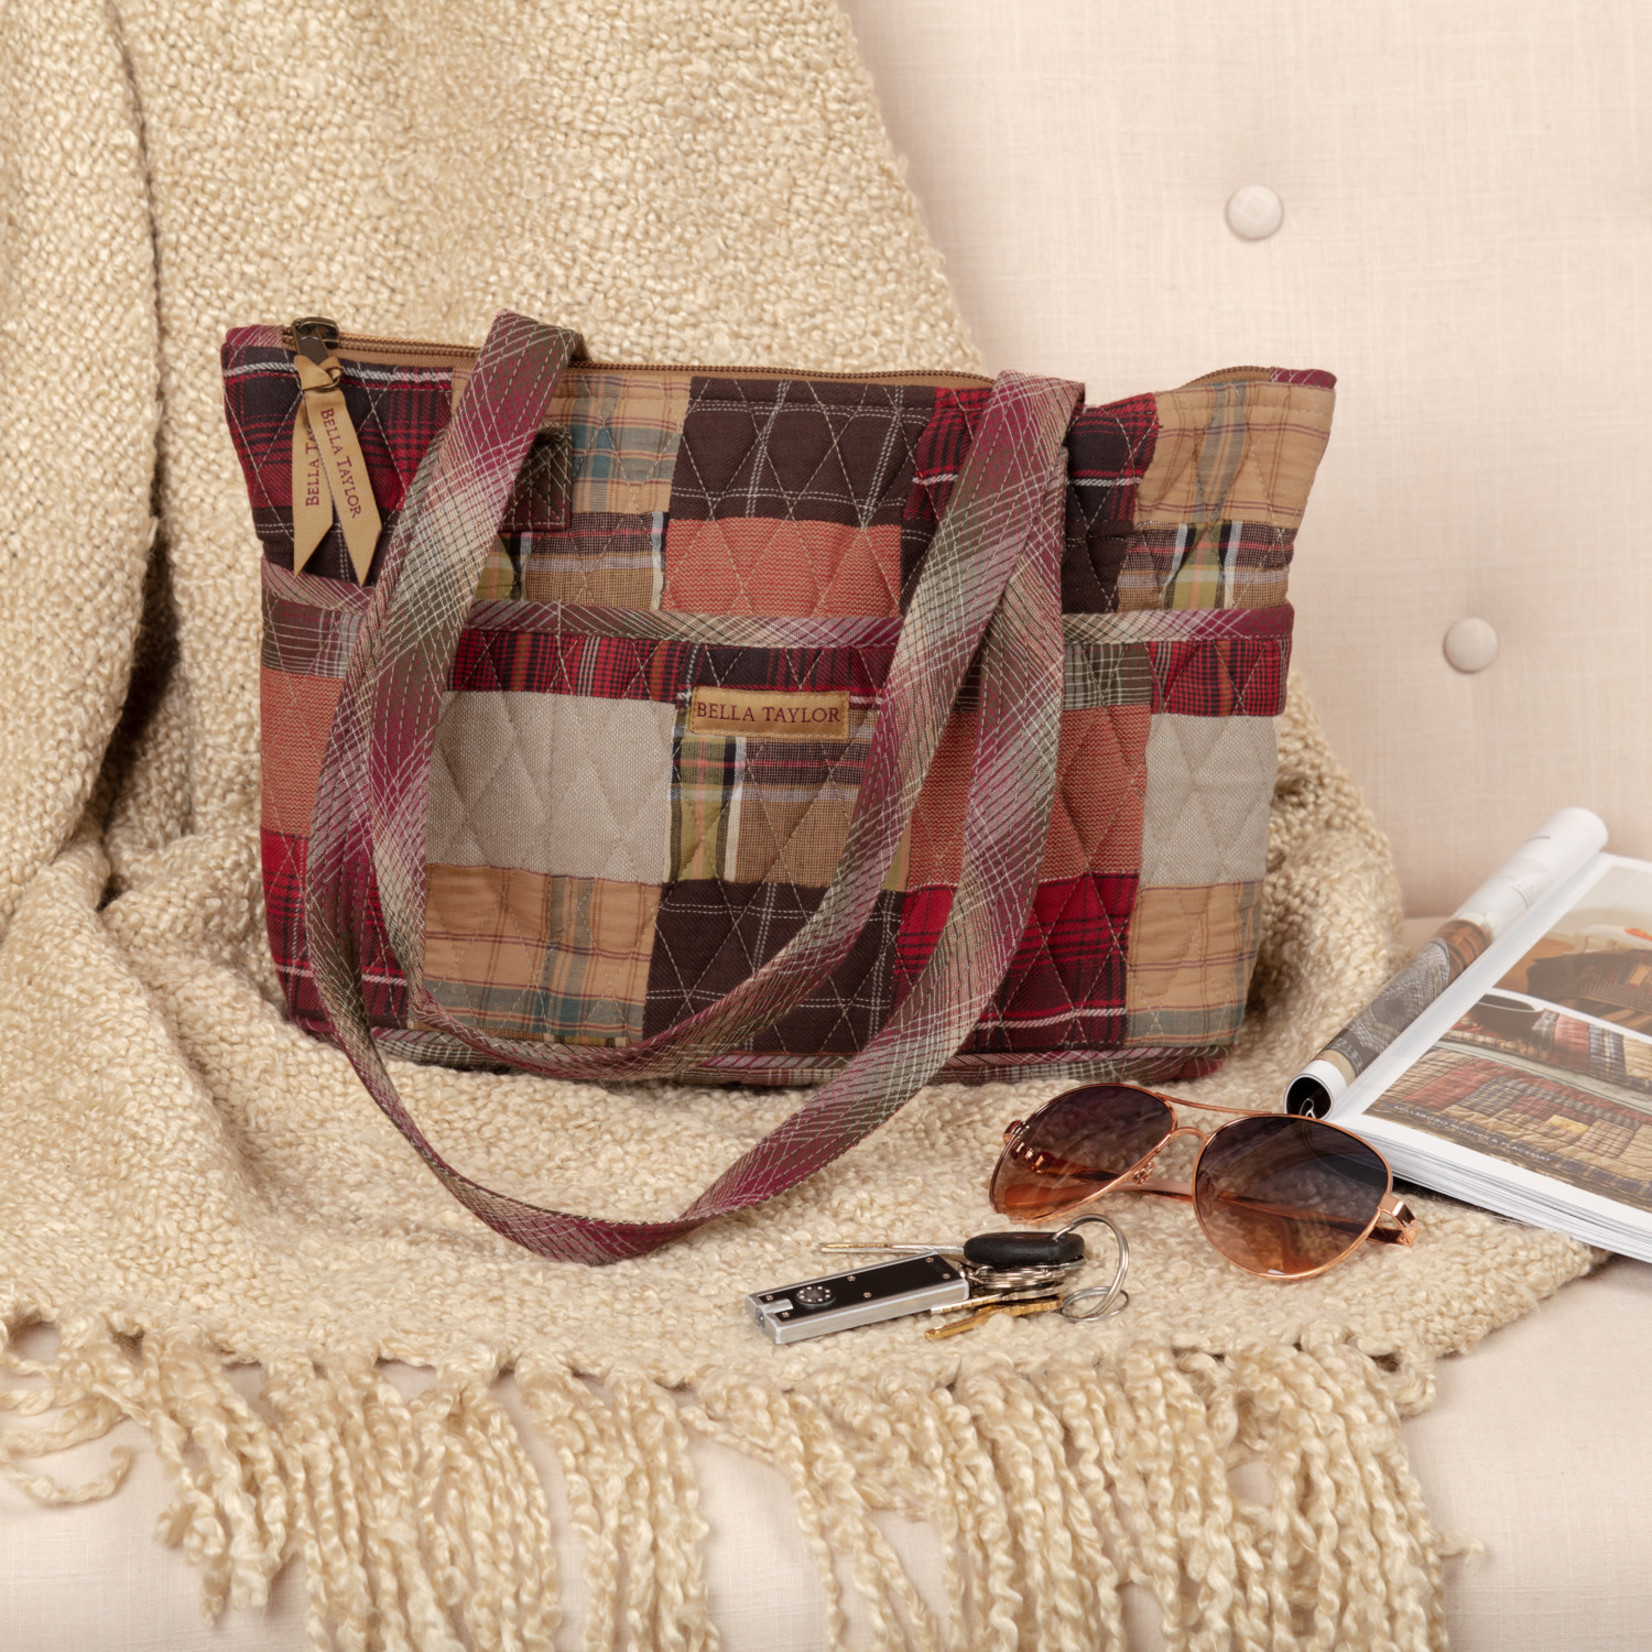 Bella Taylor Wyatt - Taylor handbag